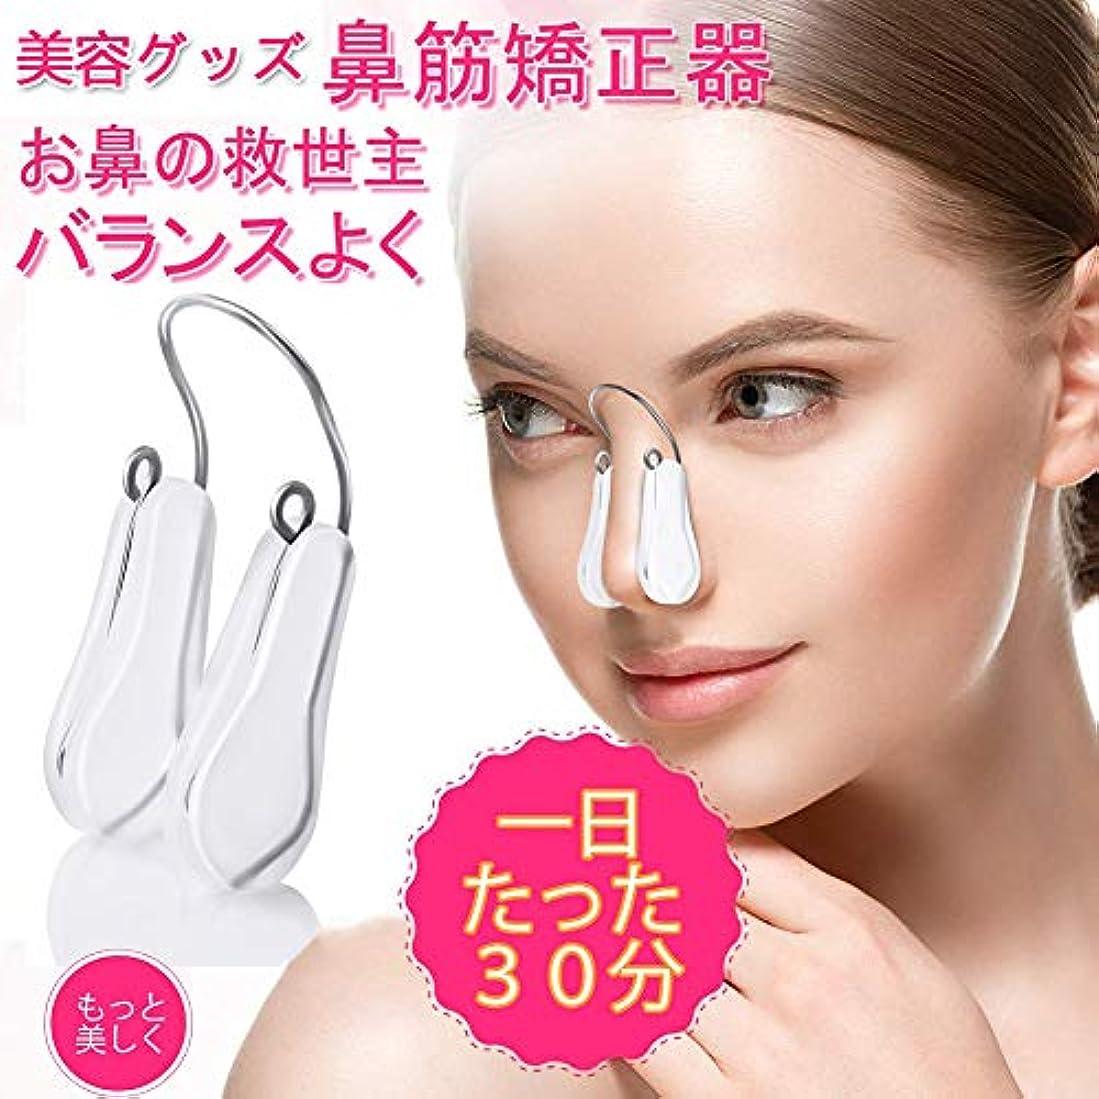 移行するする必要がある透明に鼻筋矯正 鼻高くする 鼻筋ピン ノーズクリップ 美容グッズ ノーズアップピン 美鼻セレブ 鼻プチ 男女共有